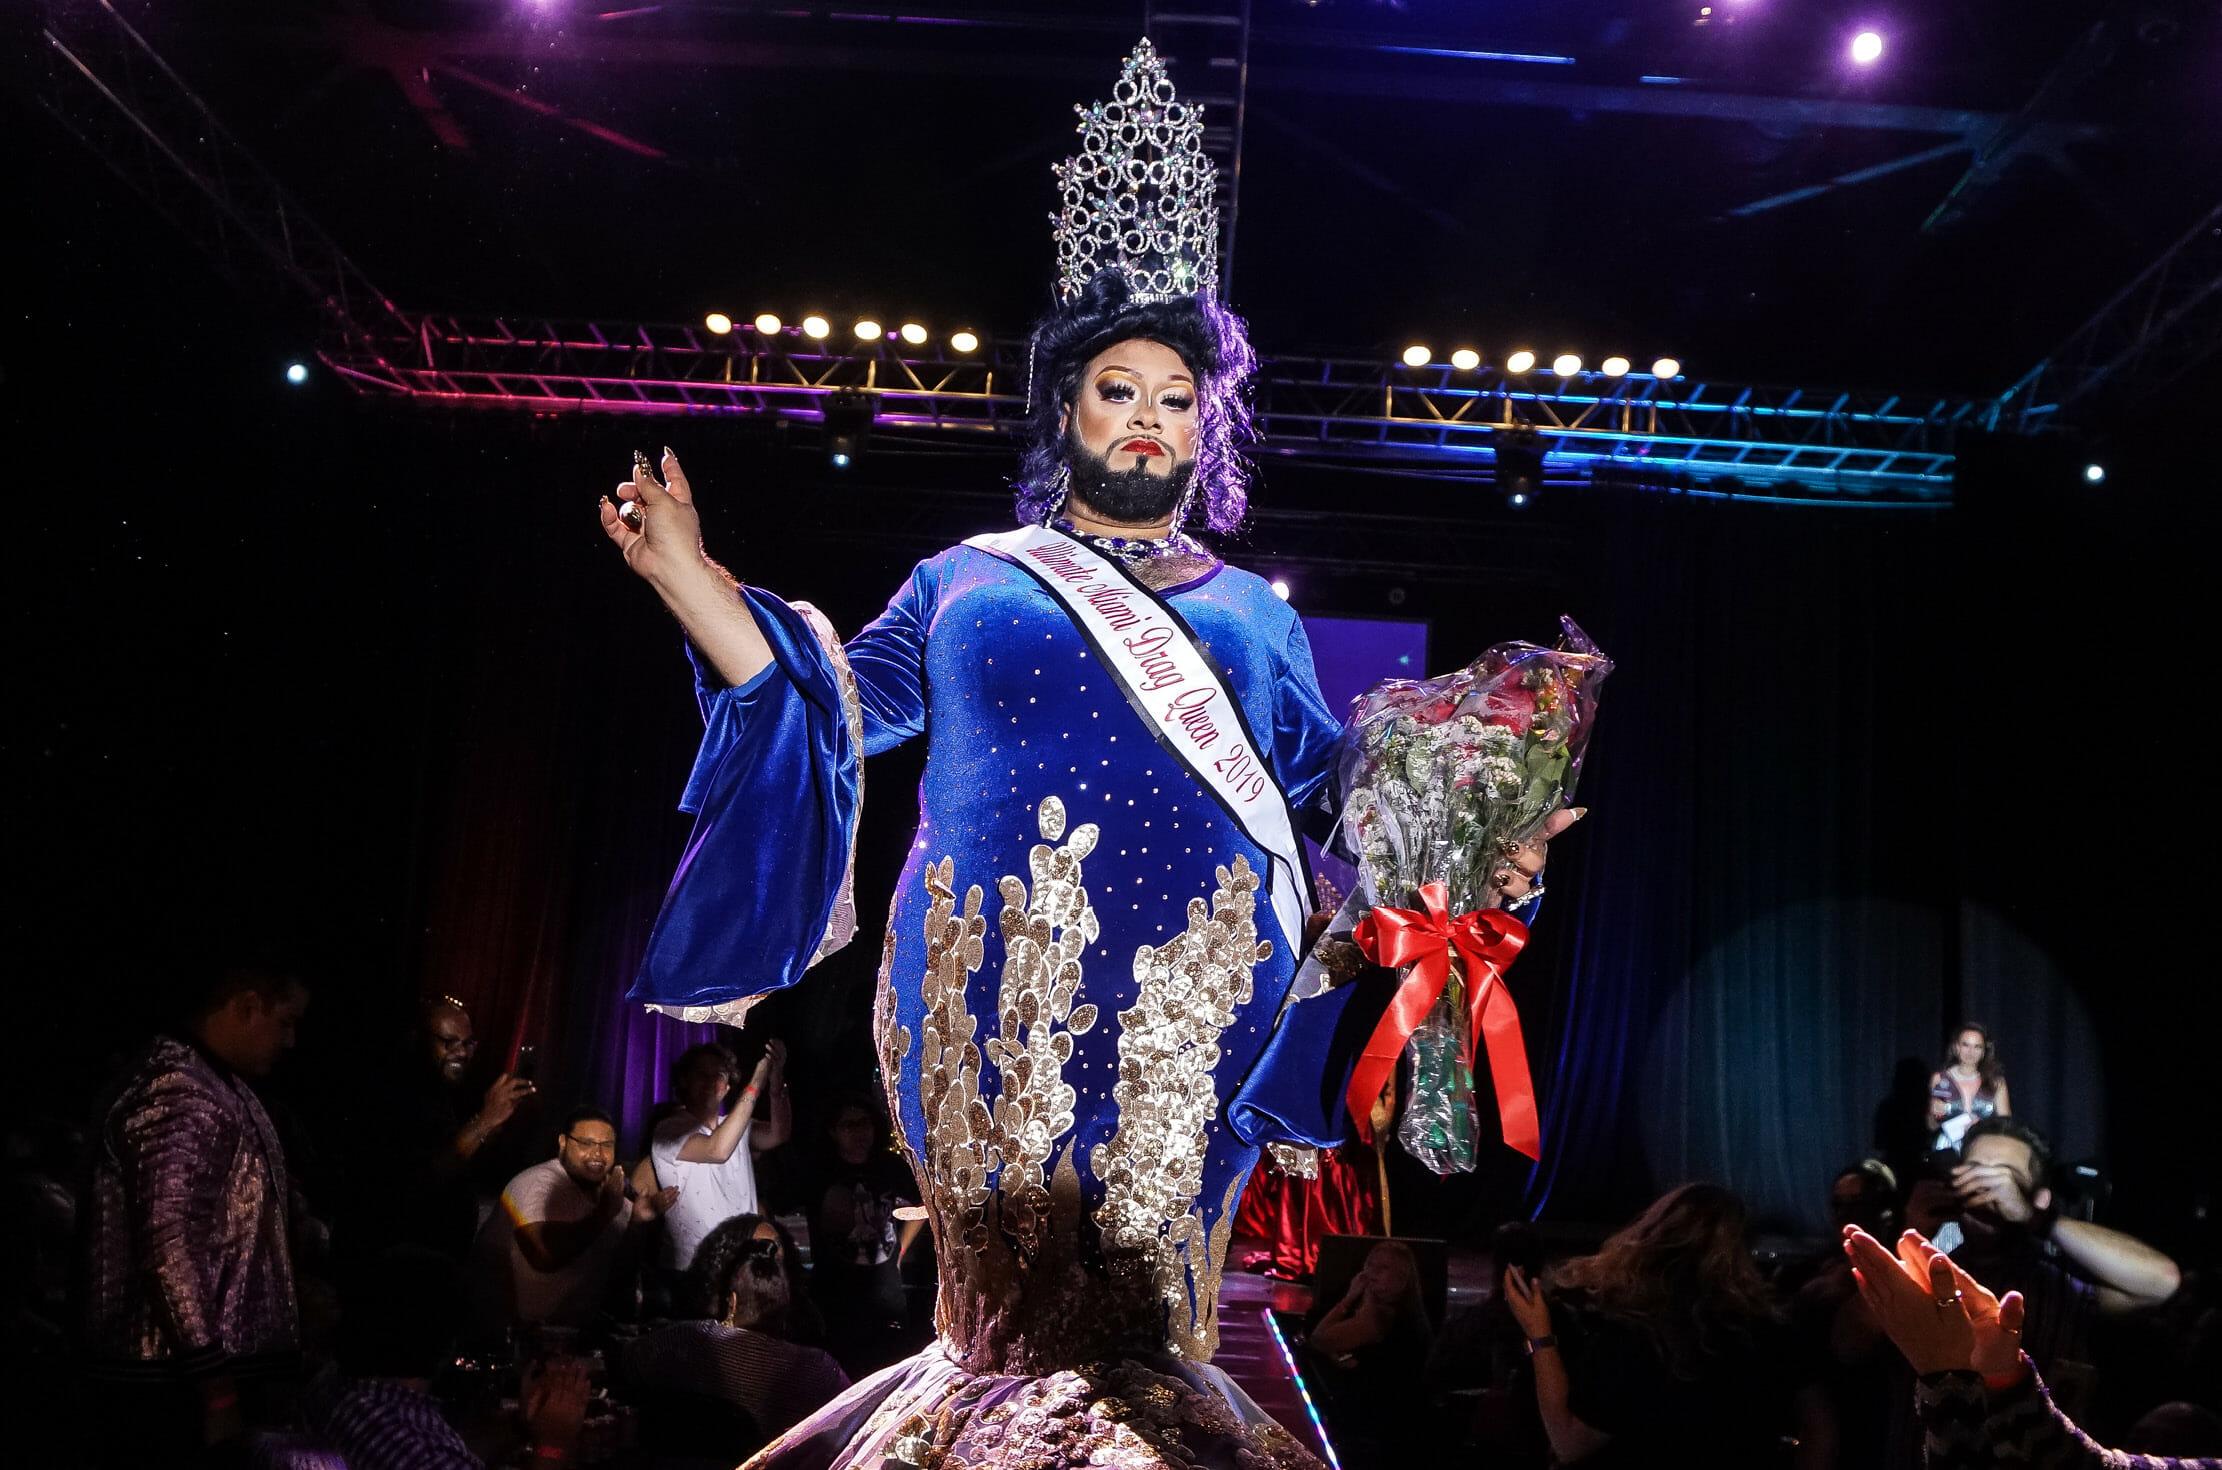 Ultimate Miami Drag Queen Winner